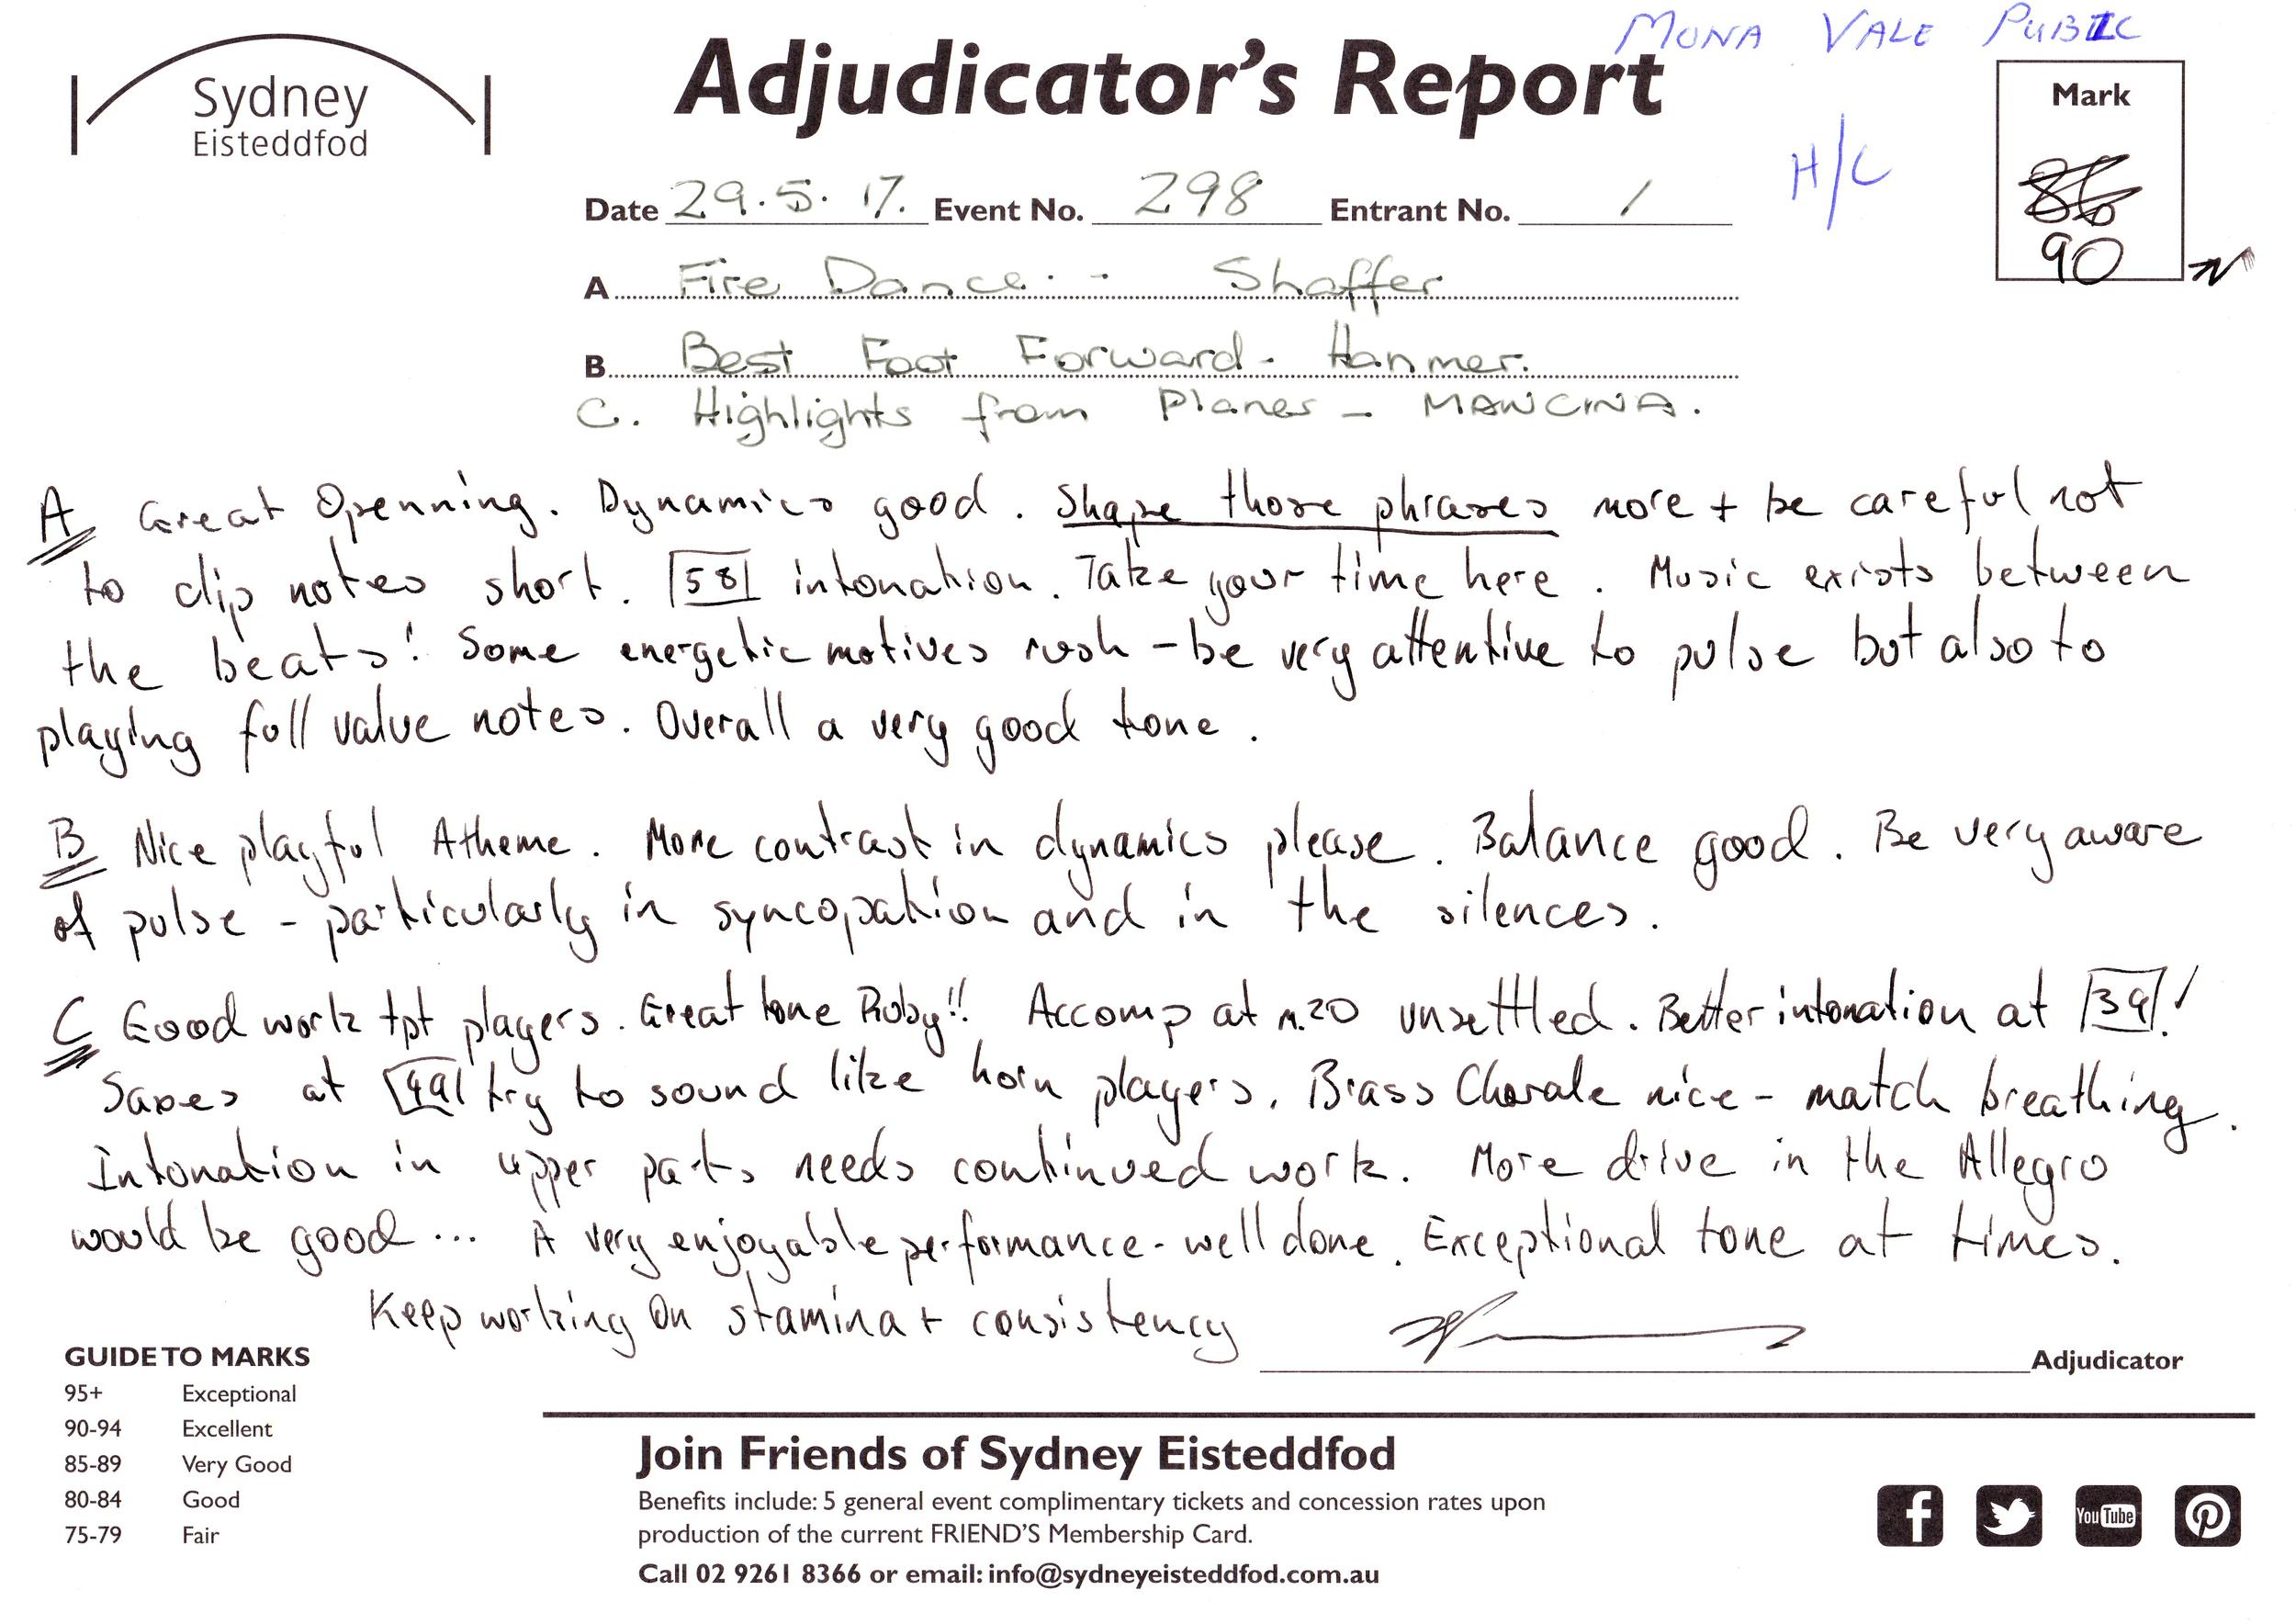 Adjudicator's Report